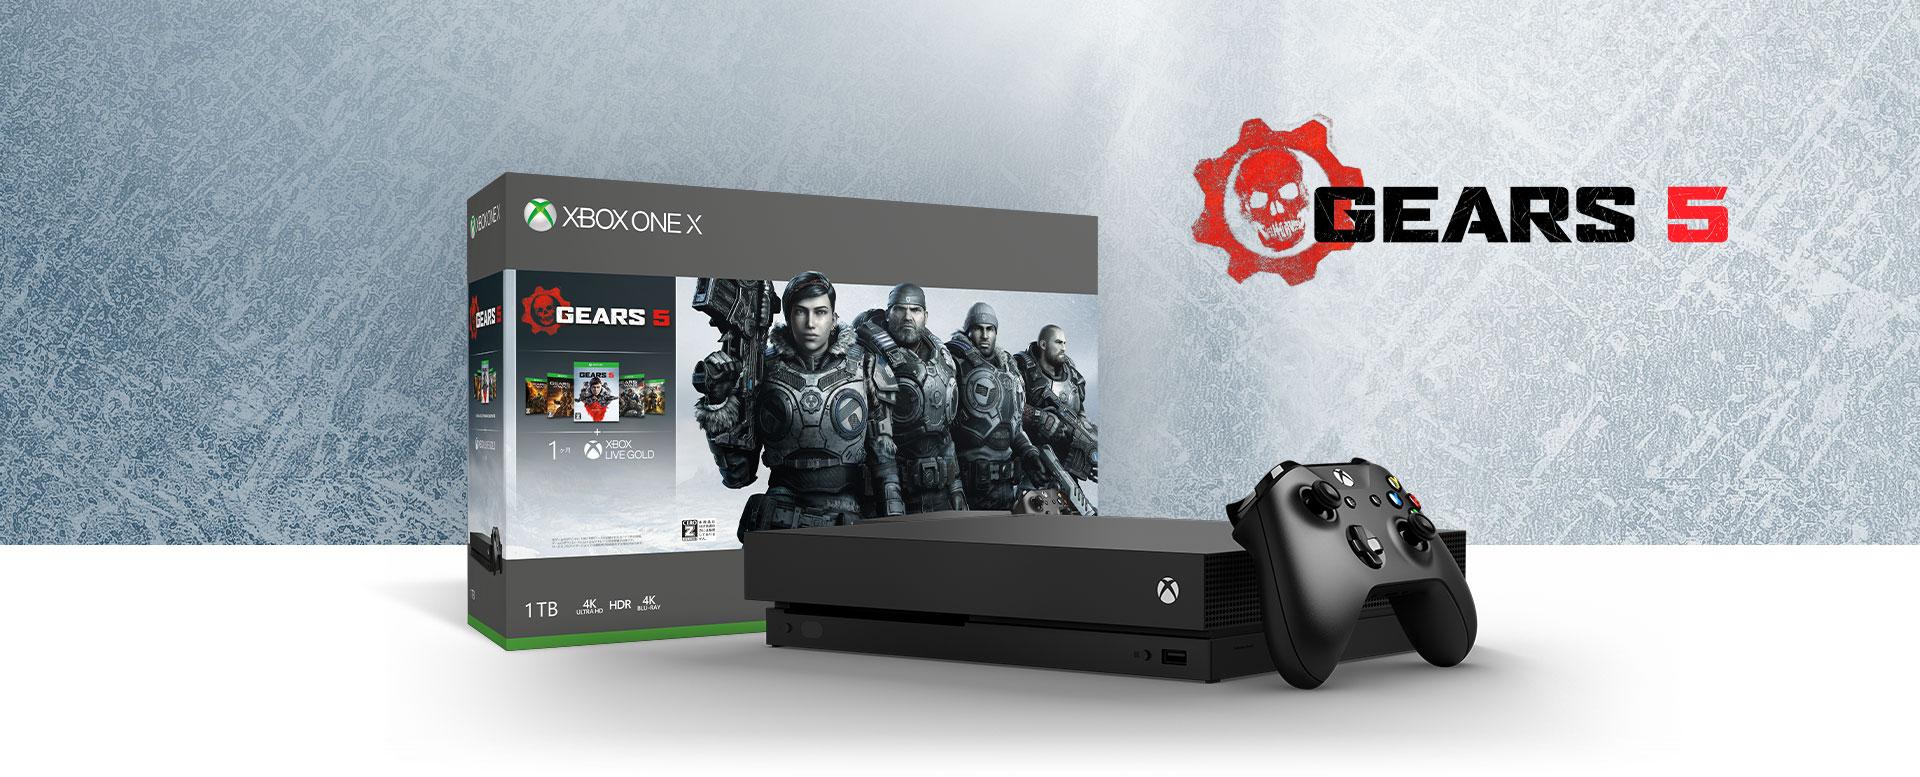 Gears 5 のアートが描かれているハードウェア バンドル ボックスの前にある Xbox One X 本体